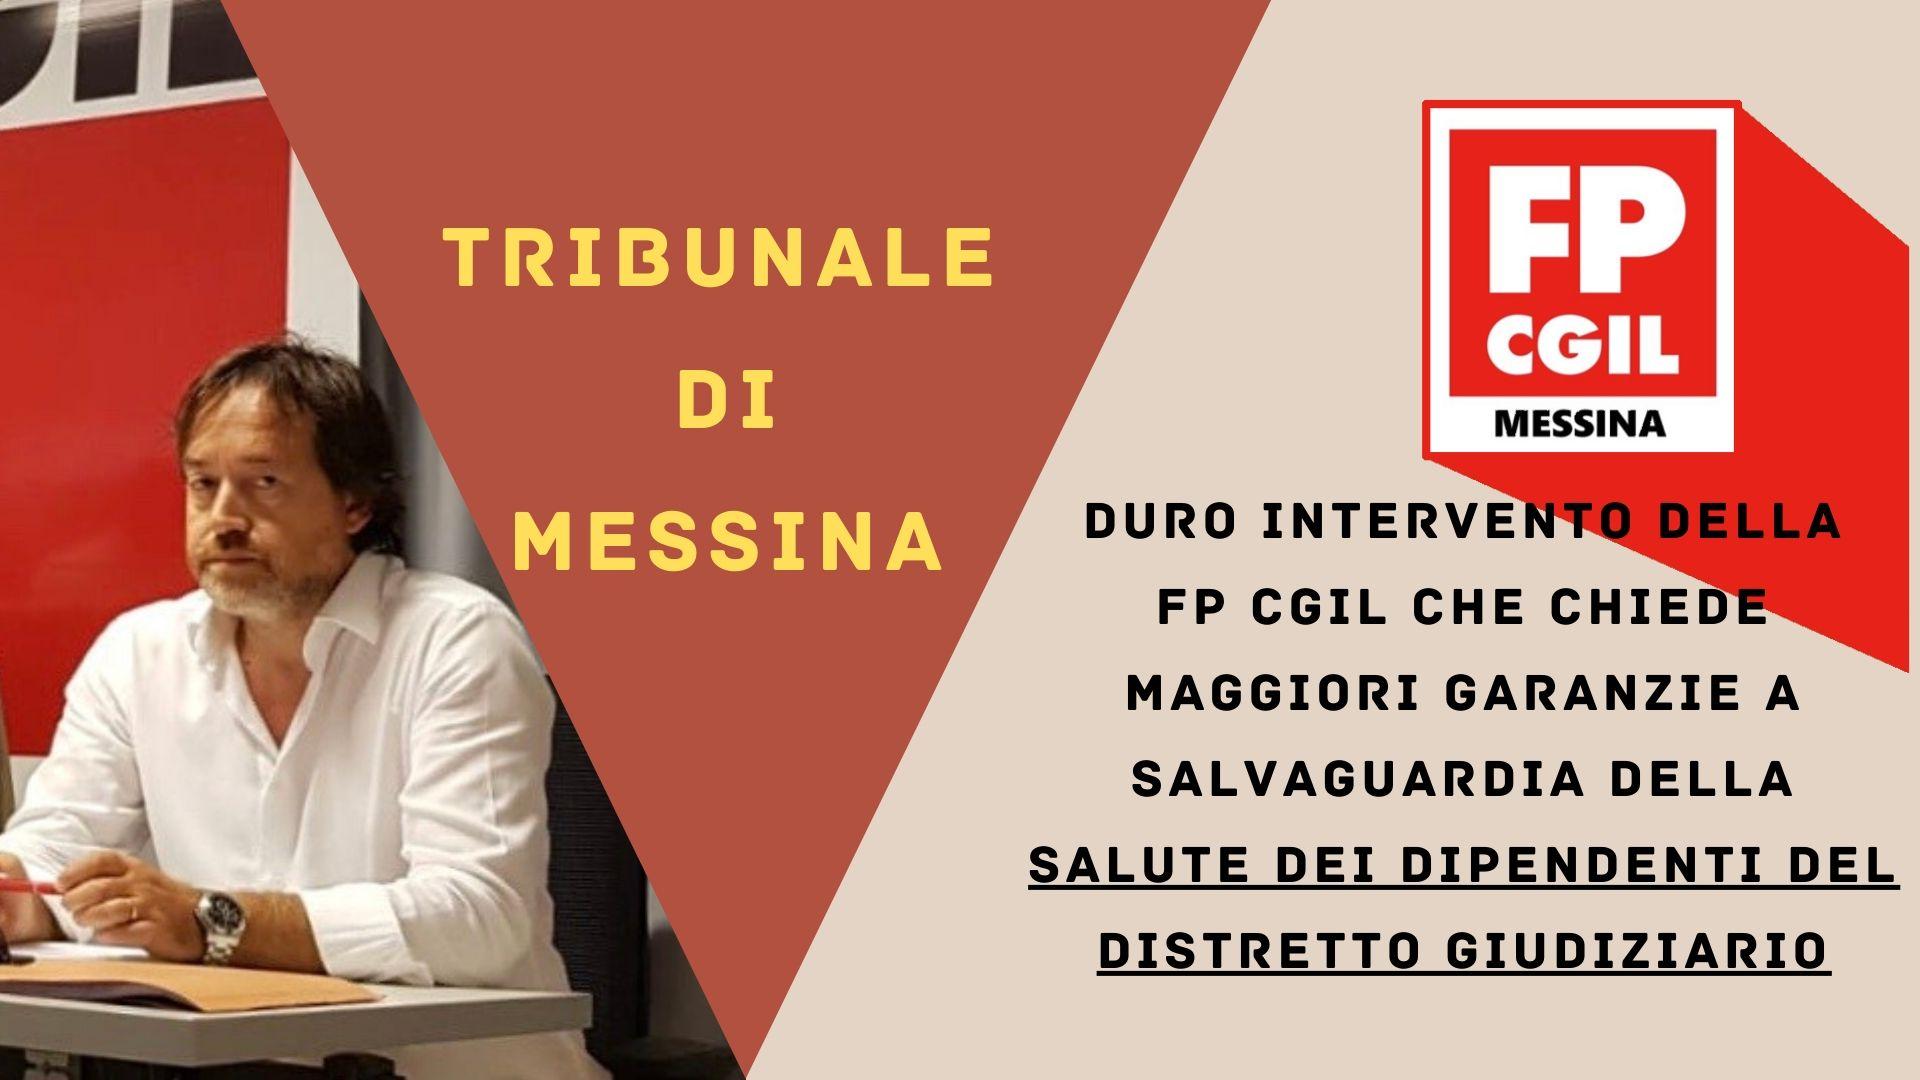 Tribunale di Messina, duro intervento della la FP CGIL che chiede maggiori garanzie a salvaguardia della salute dei dipendenti del Distretto giudiziario